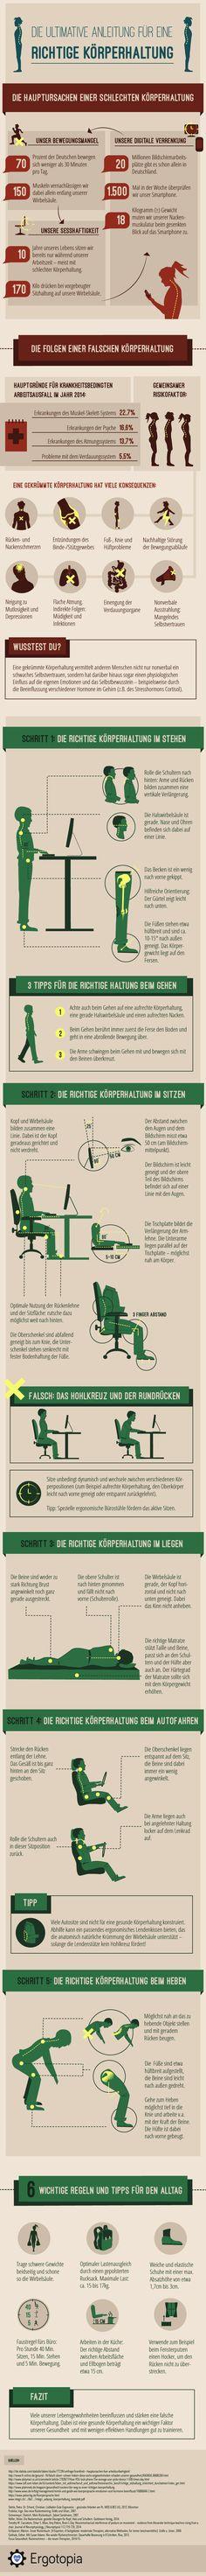 [Infografik] Die ultimative Anleitung für eine richtige Körperhaltung im Alltag und beim Arbeiten